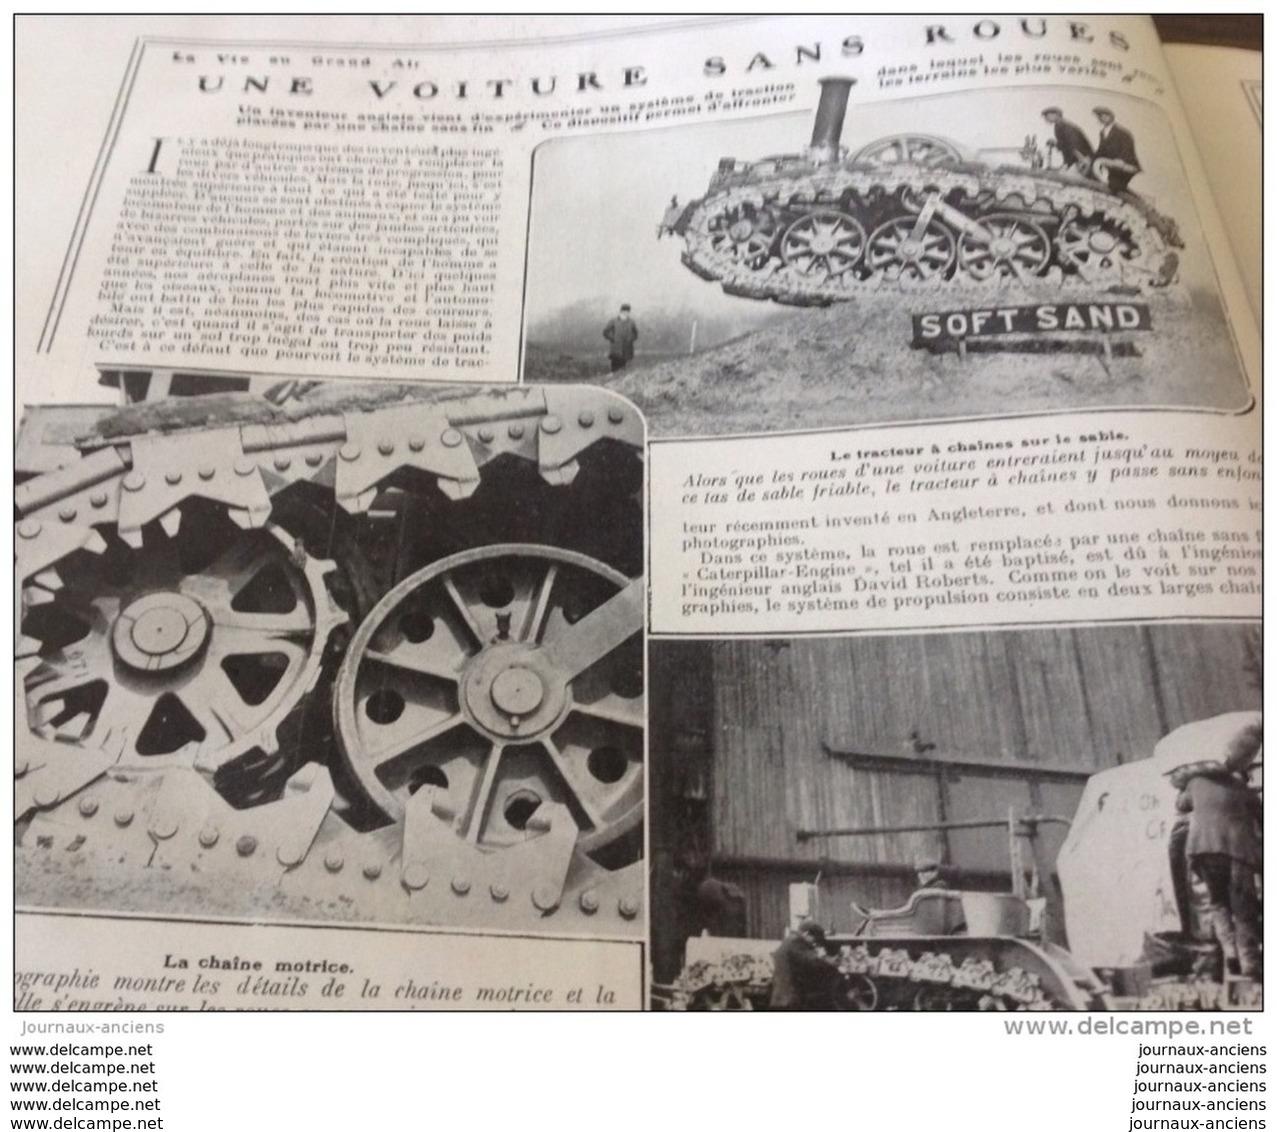 1908 VOITURE SANS ROUES - CHAINE MOTRICE - LE CATERPILLAR ENGINE - DAVID ROBERTS - Livres, BD, Revues